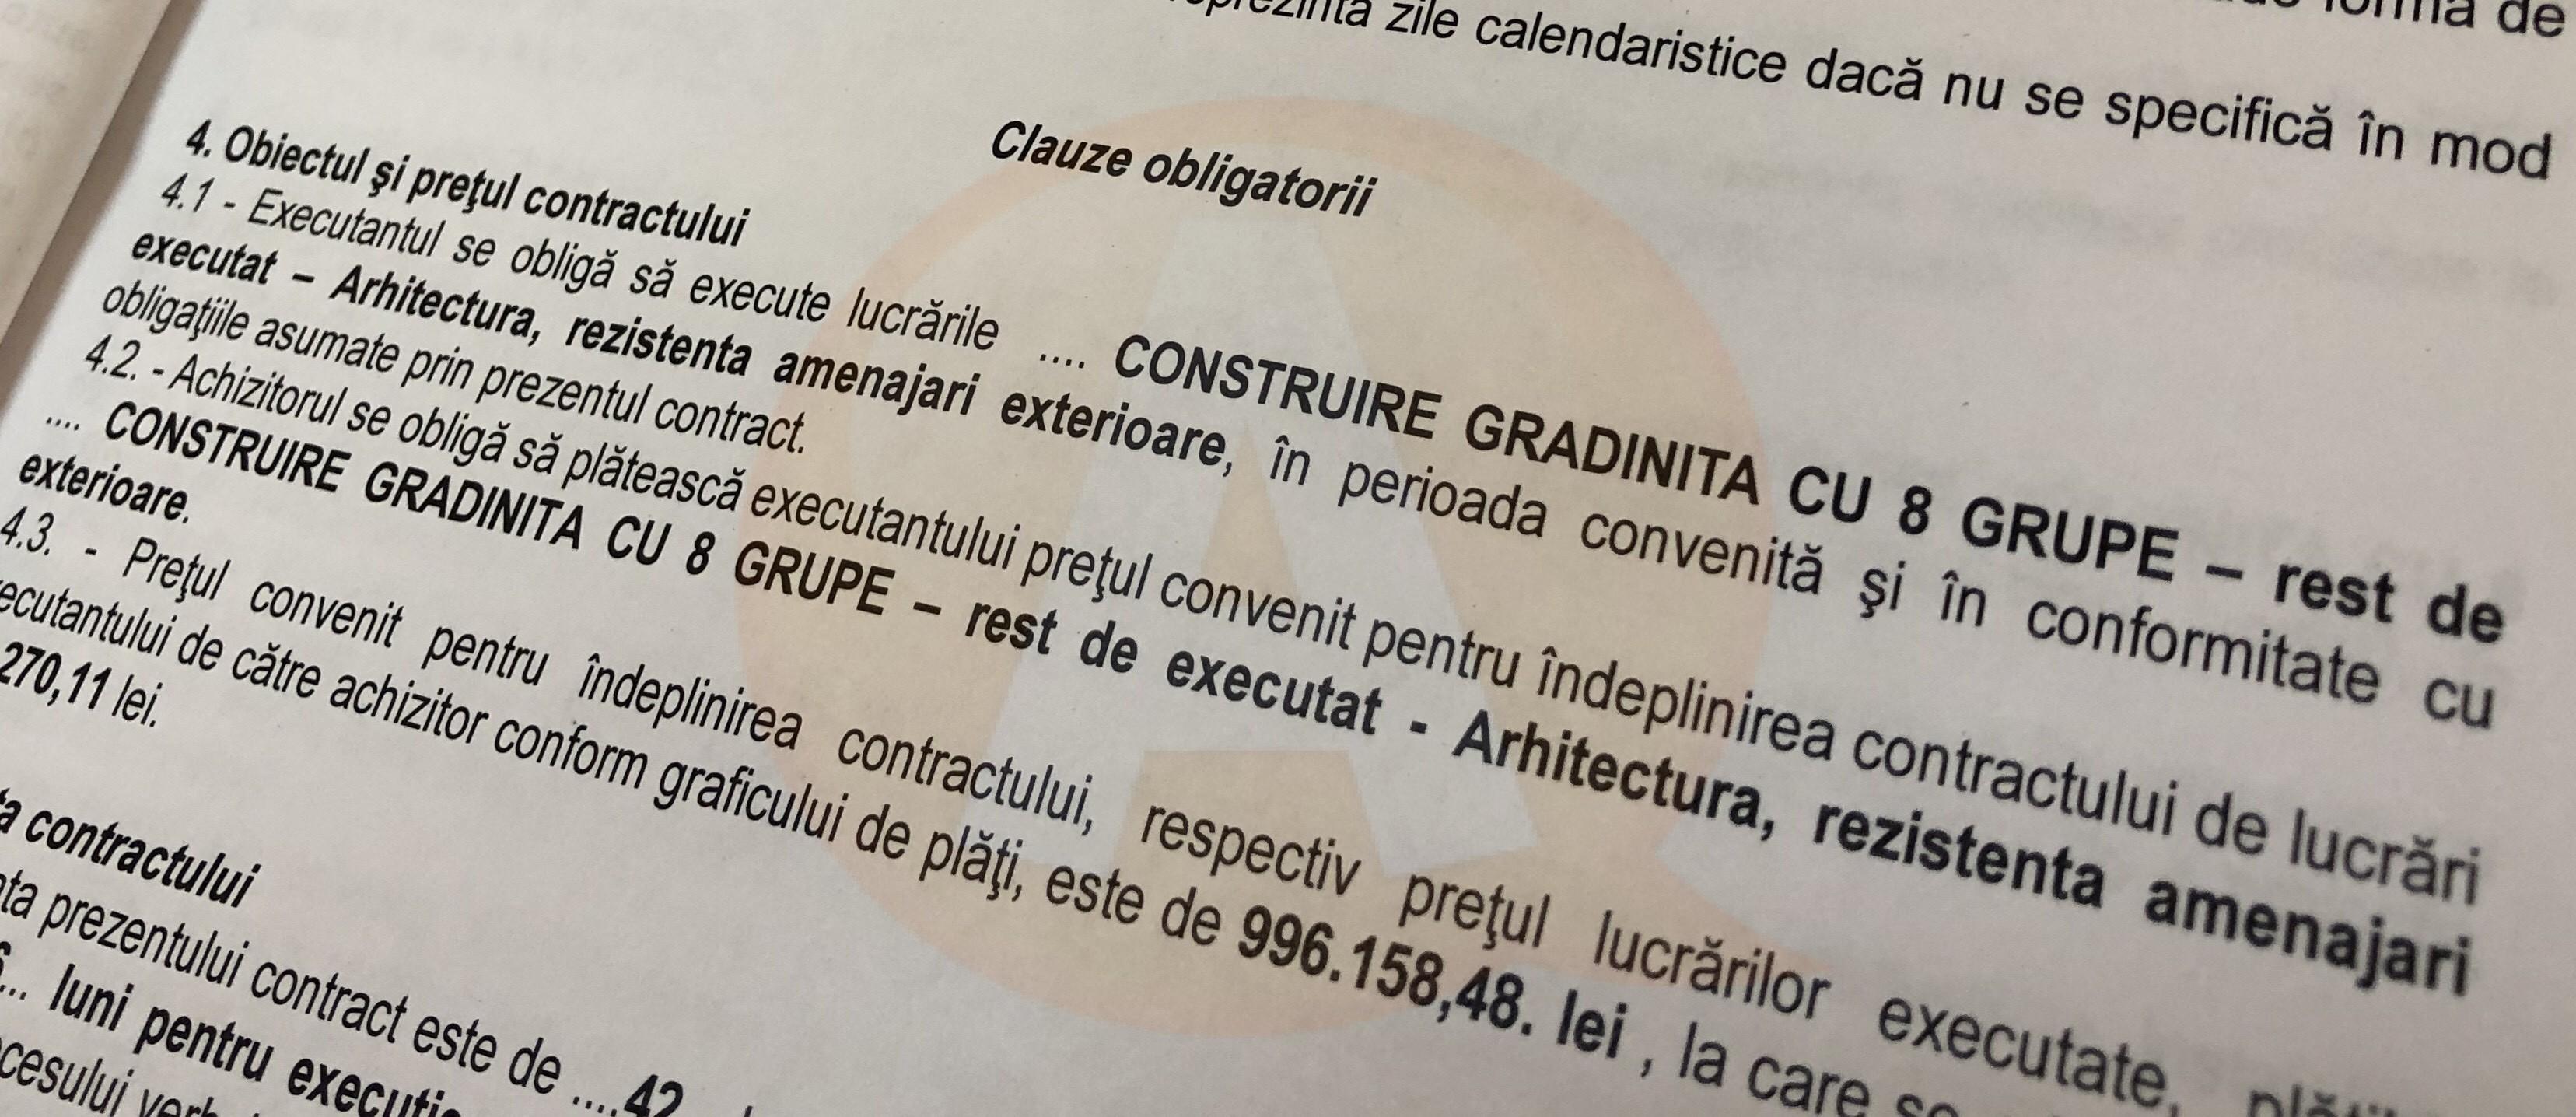 Primăria Călărași va construi o grădiniţă cu 8 grupe de preșcolari